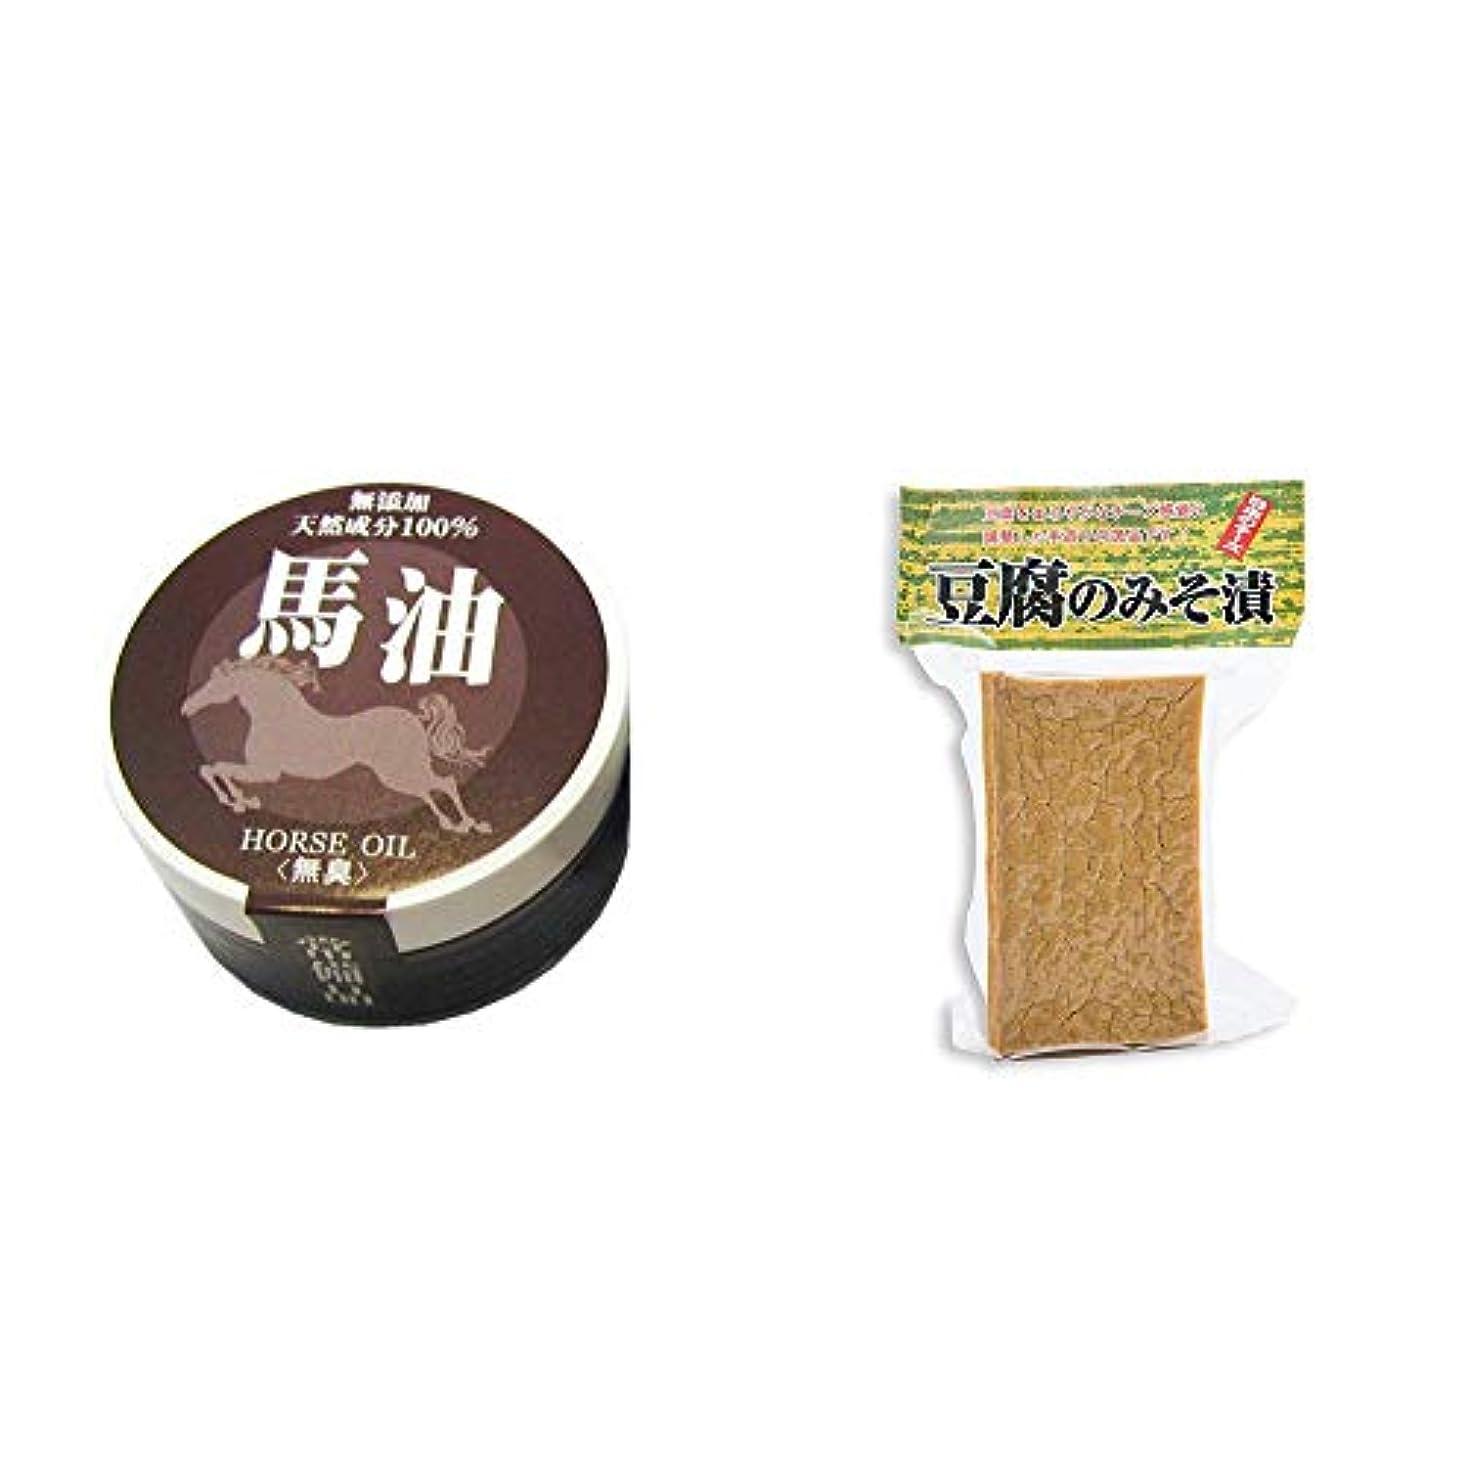 終わりピックおいしい[2点セット] 無添加天然成分100% 馬油[無香料](38g)?日本のチーズ 豆腐のみそ漬(1個入)